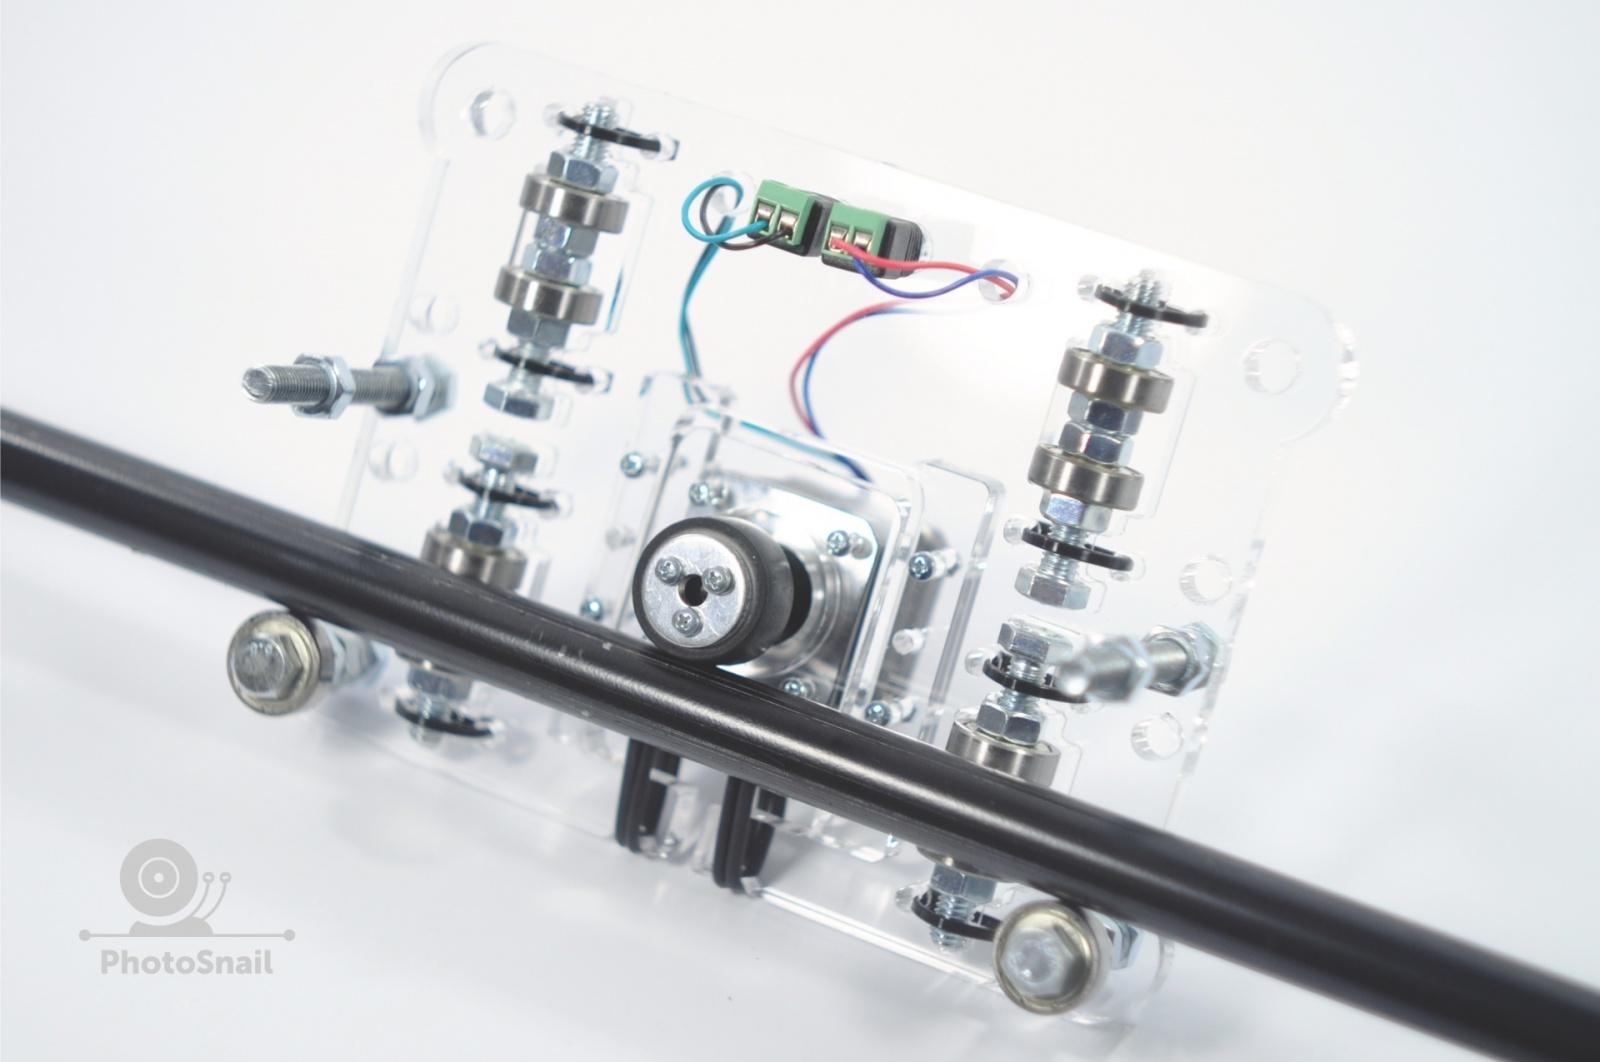 DIY моторизированный слайдер для съемки TimeLapse и видео - 10